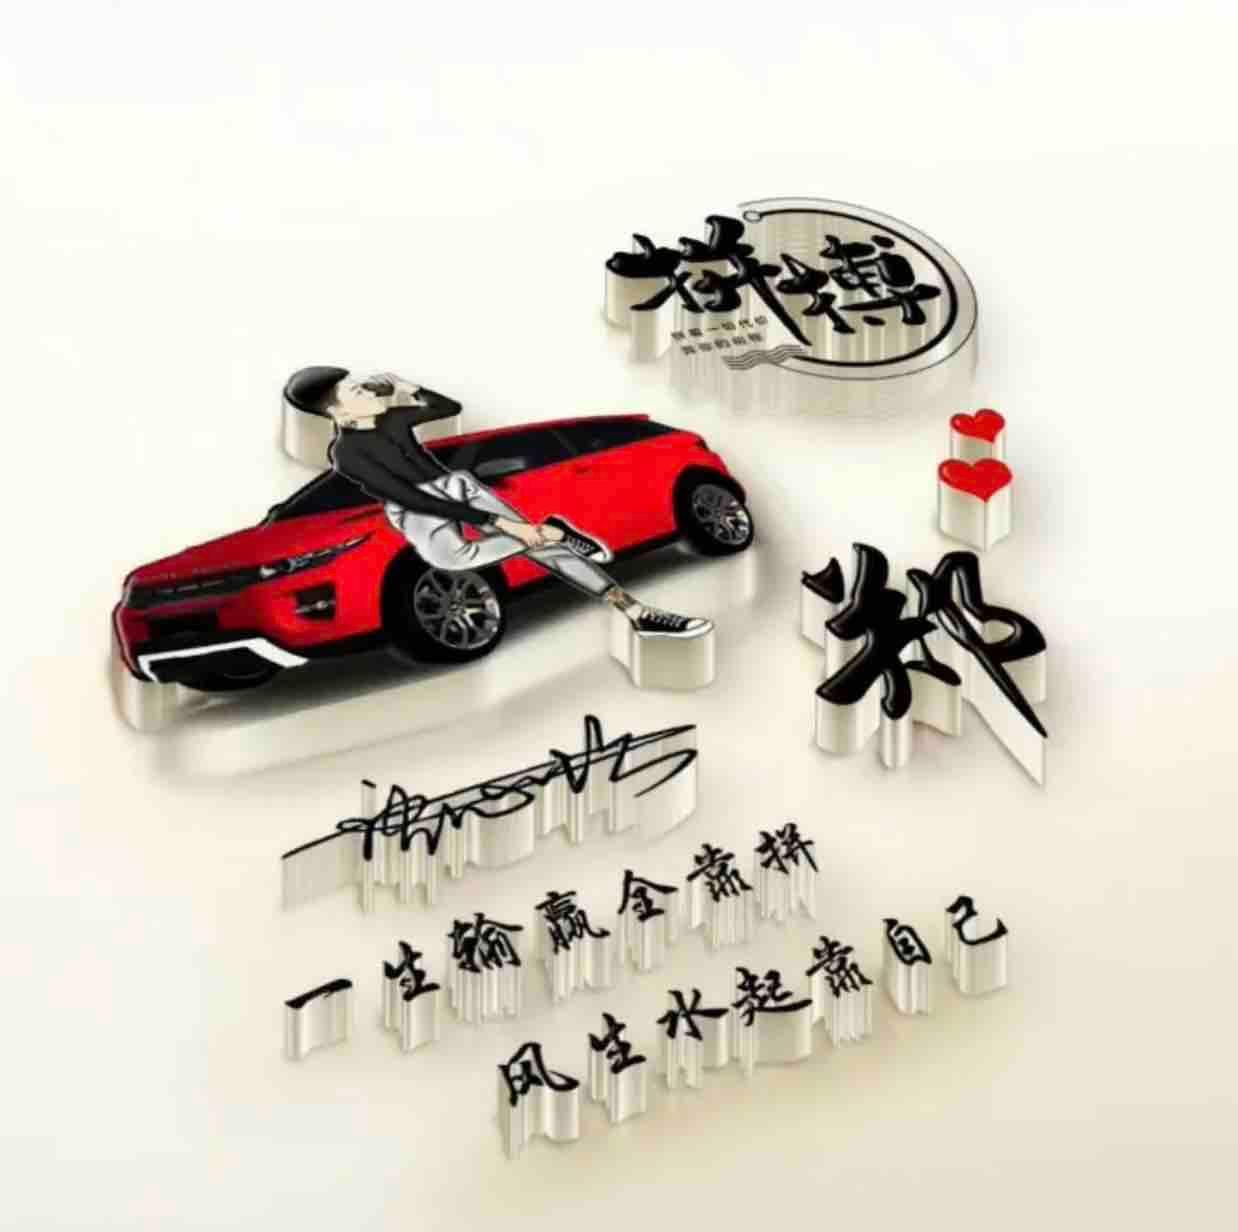 zhan郑